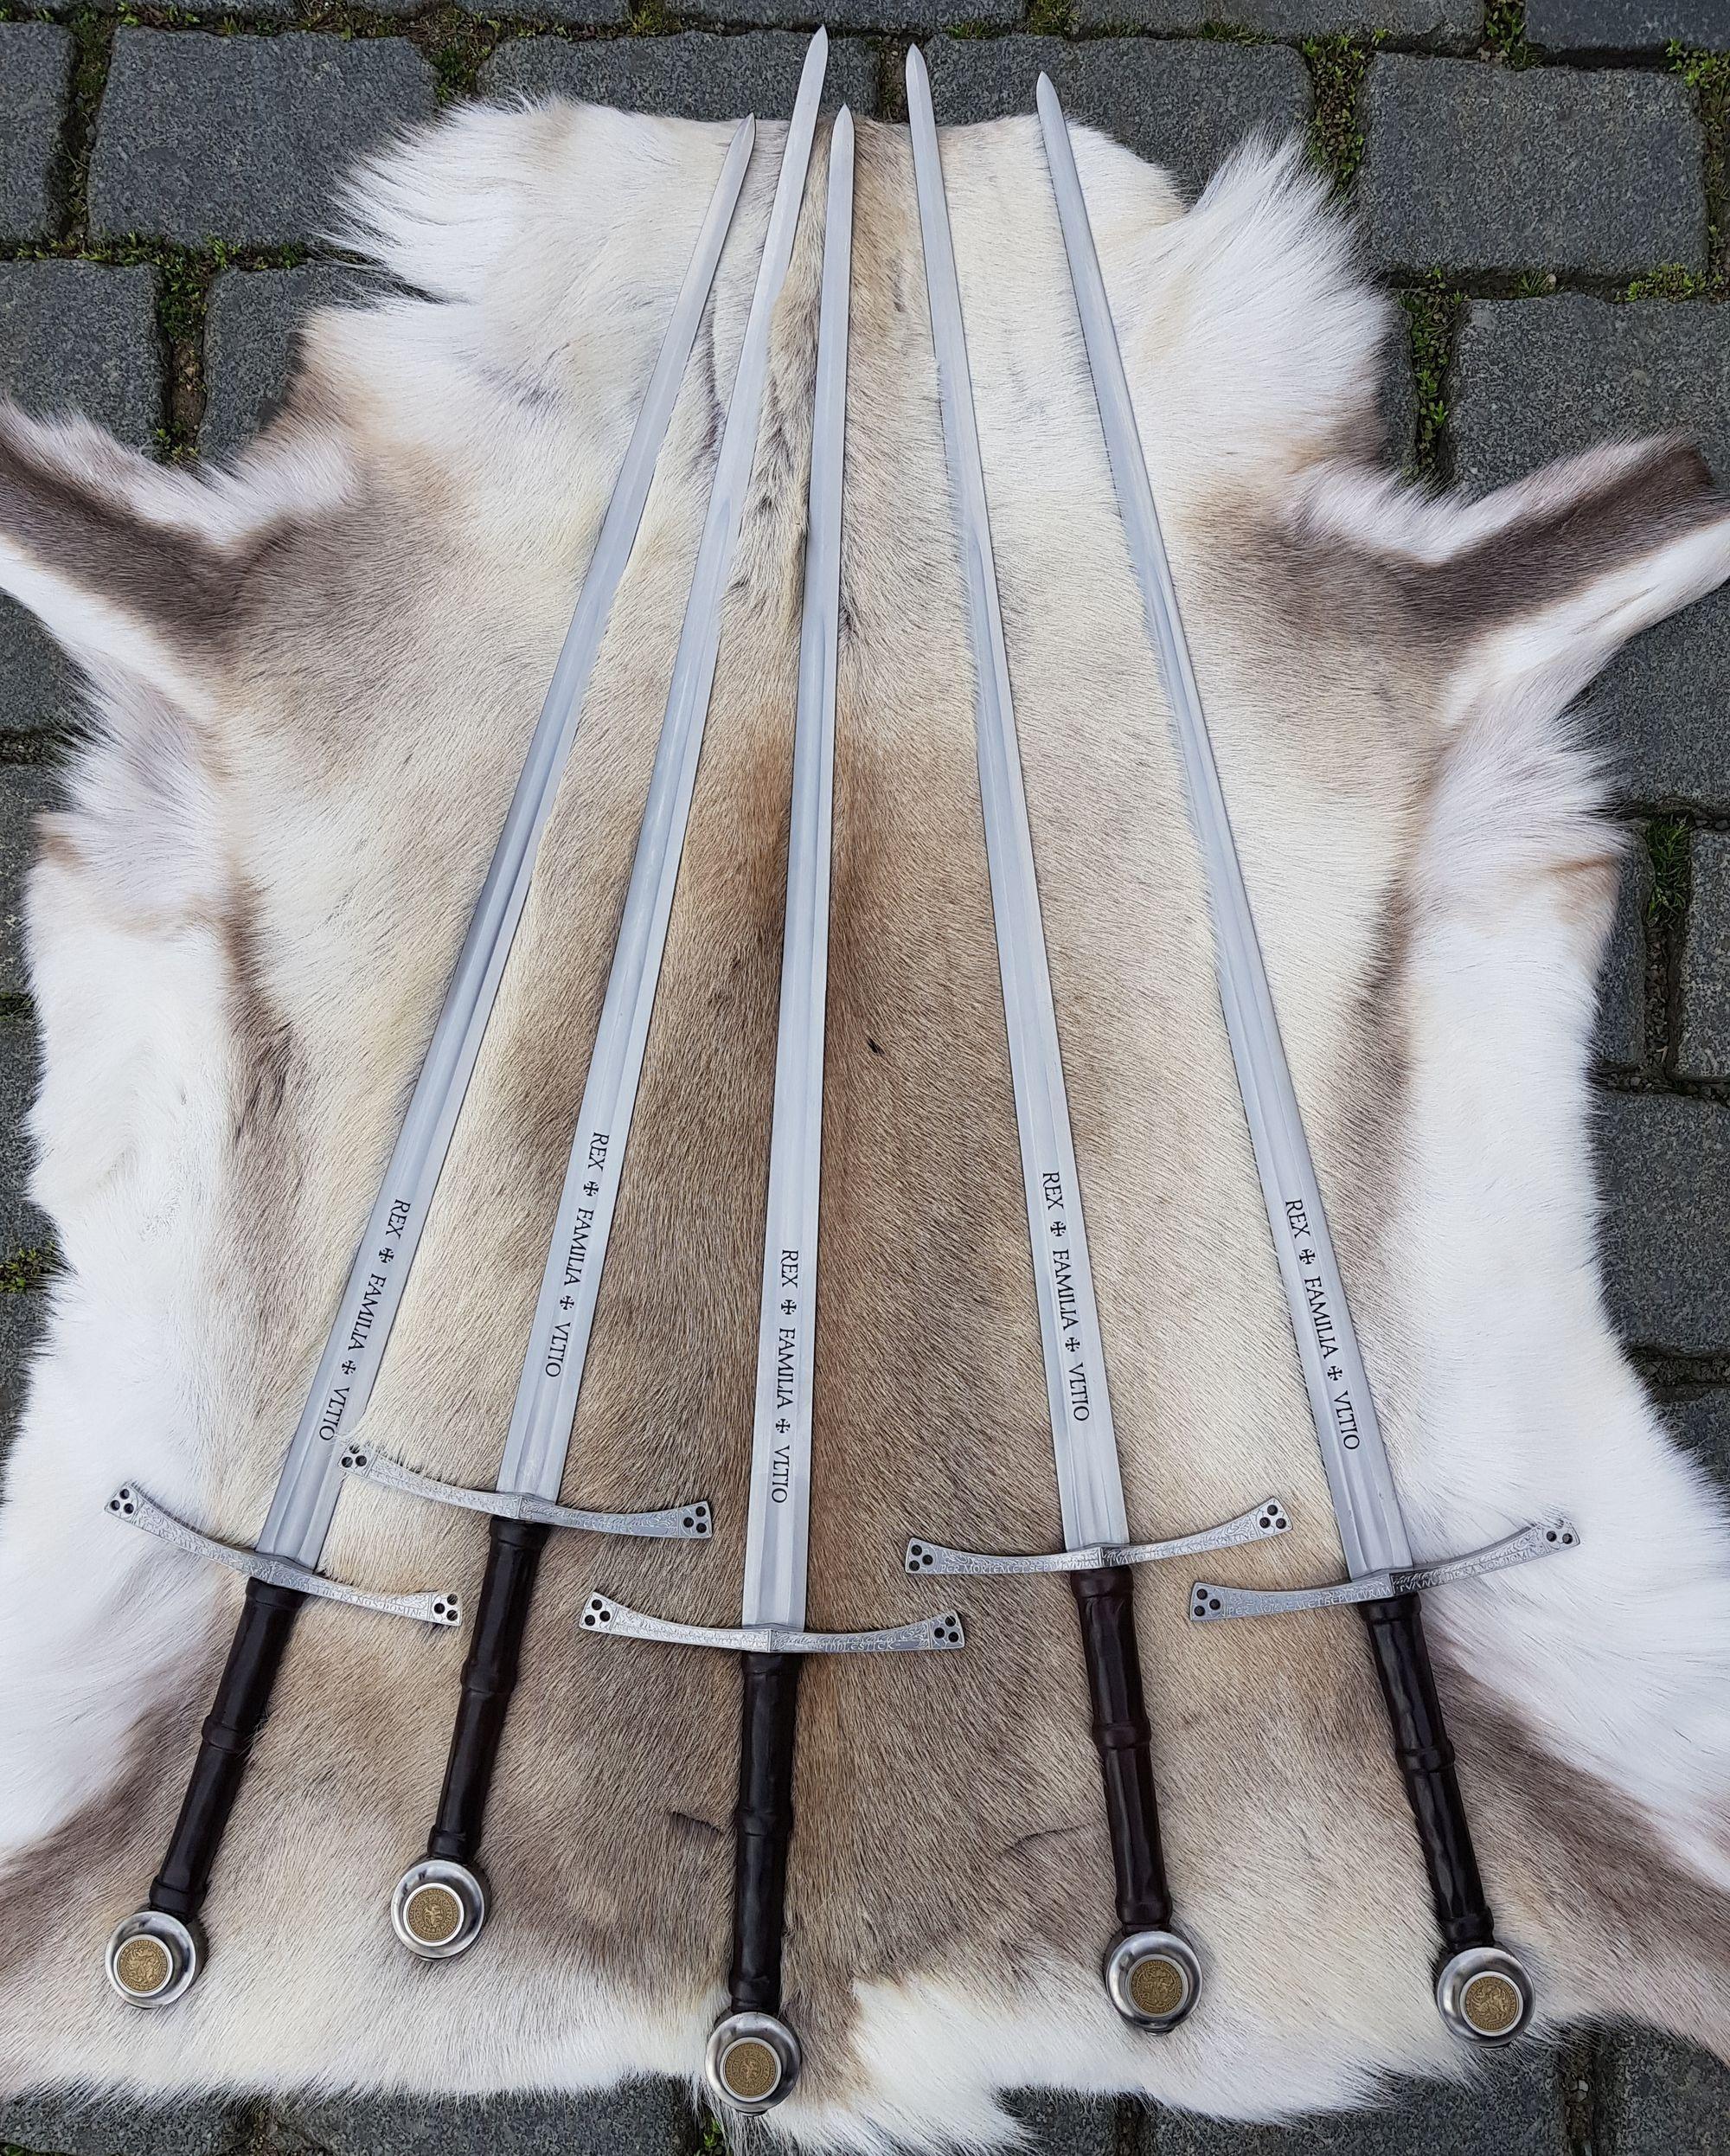 Swords for Kingdom Come